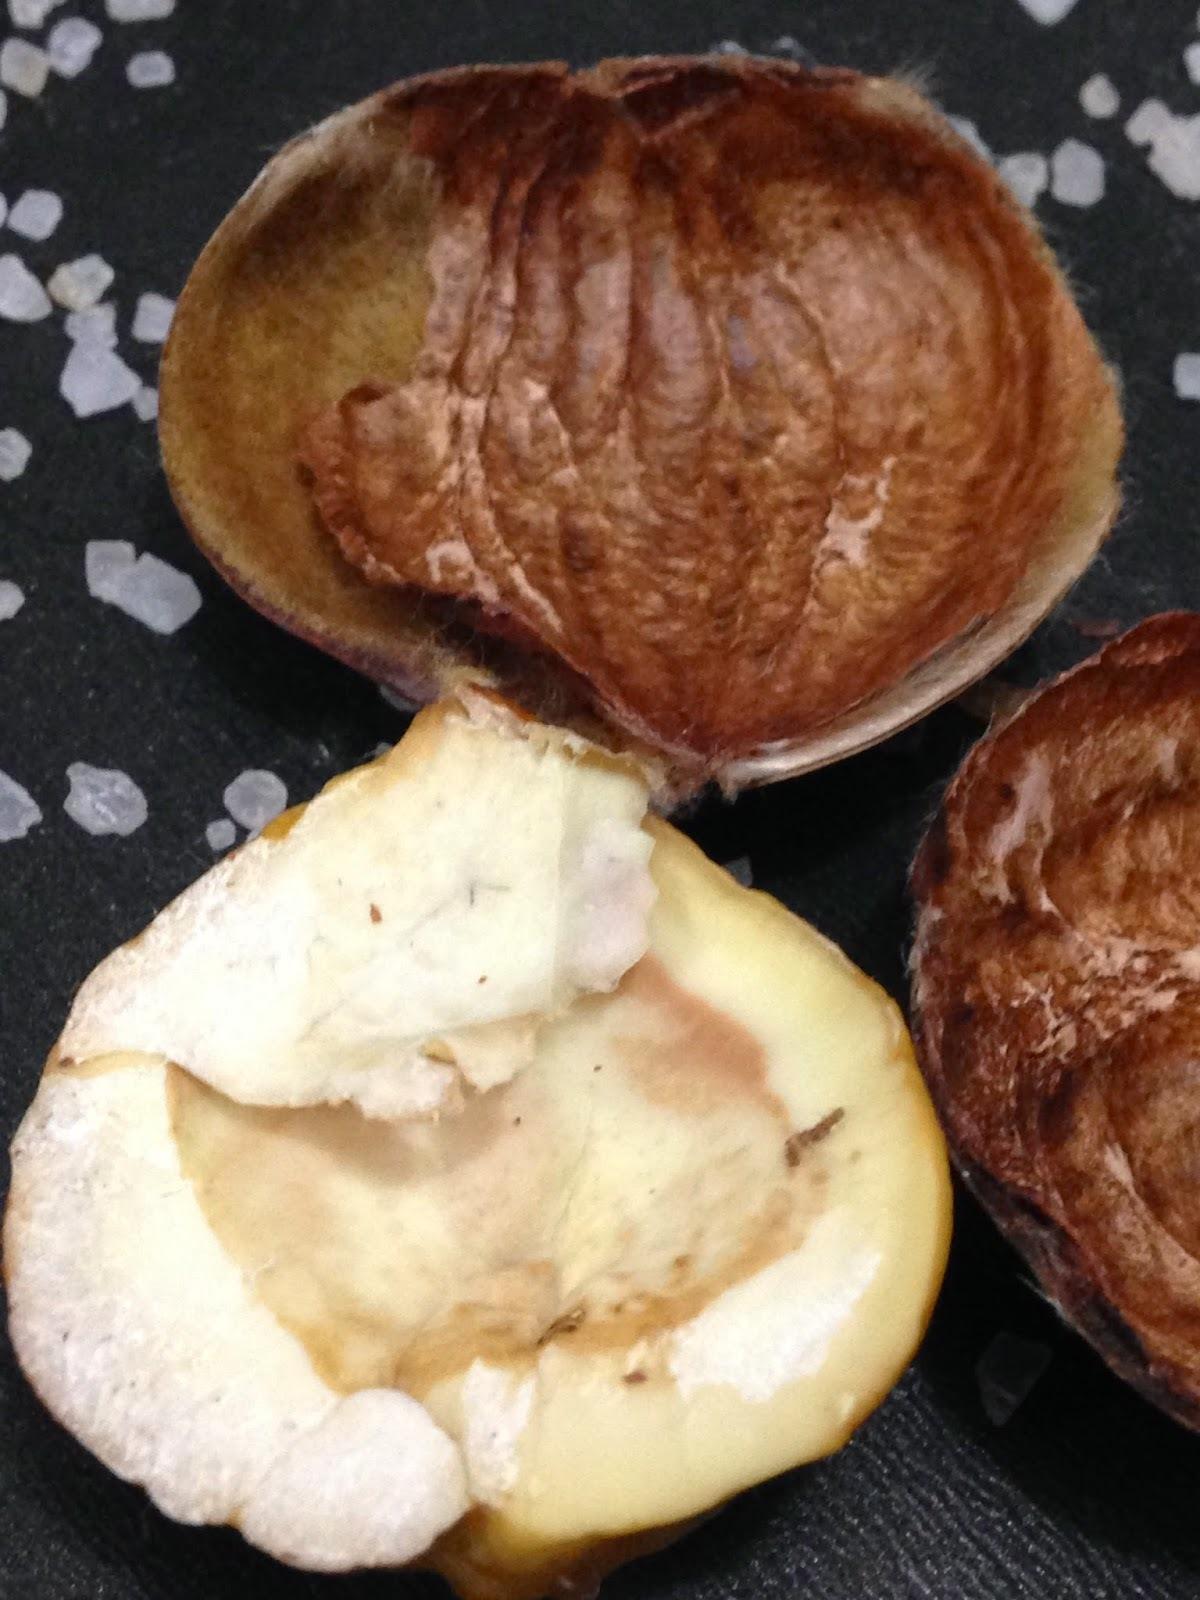 como preparar castanha portuguesa cozida